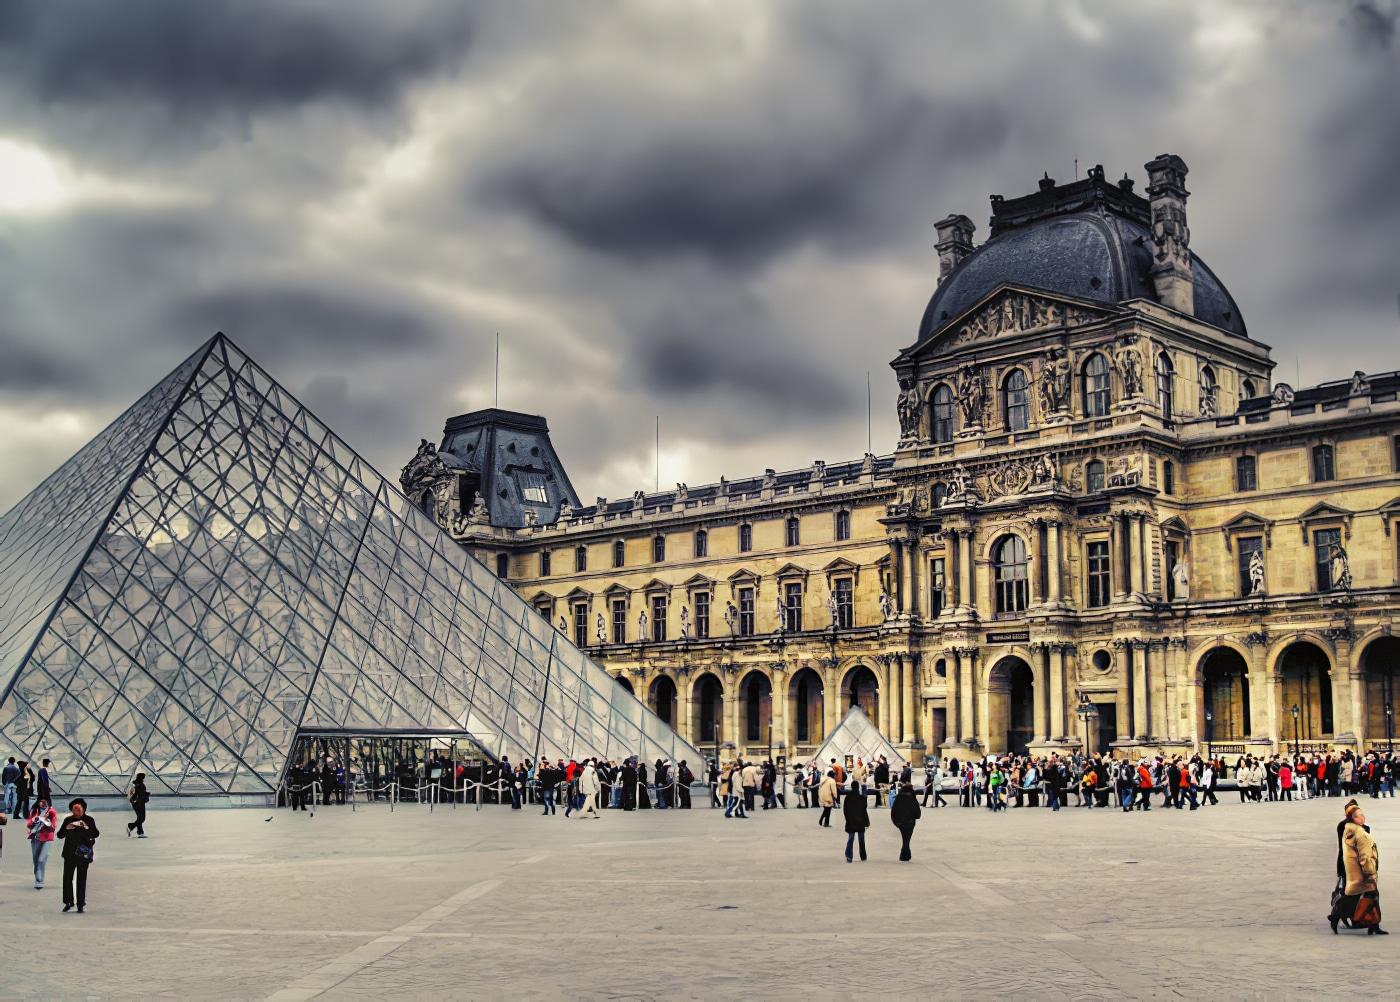 Visiter paris avec les billets coupe file du paris pass - Musee du louvre billet coupe file ...